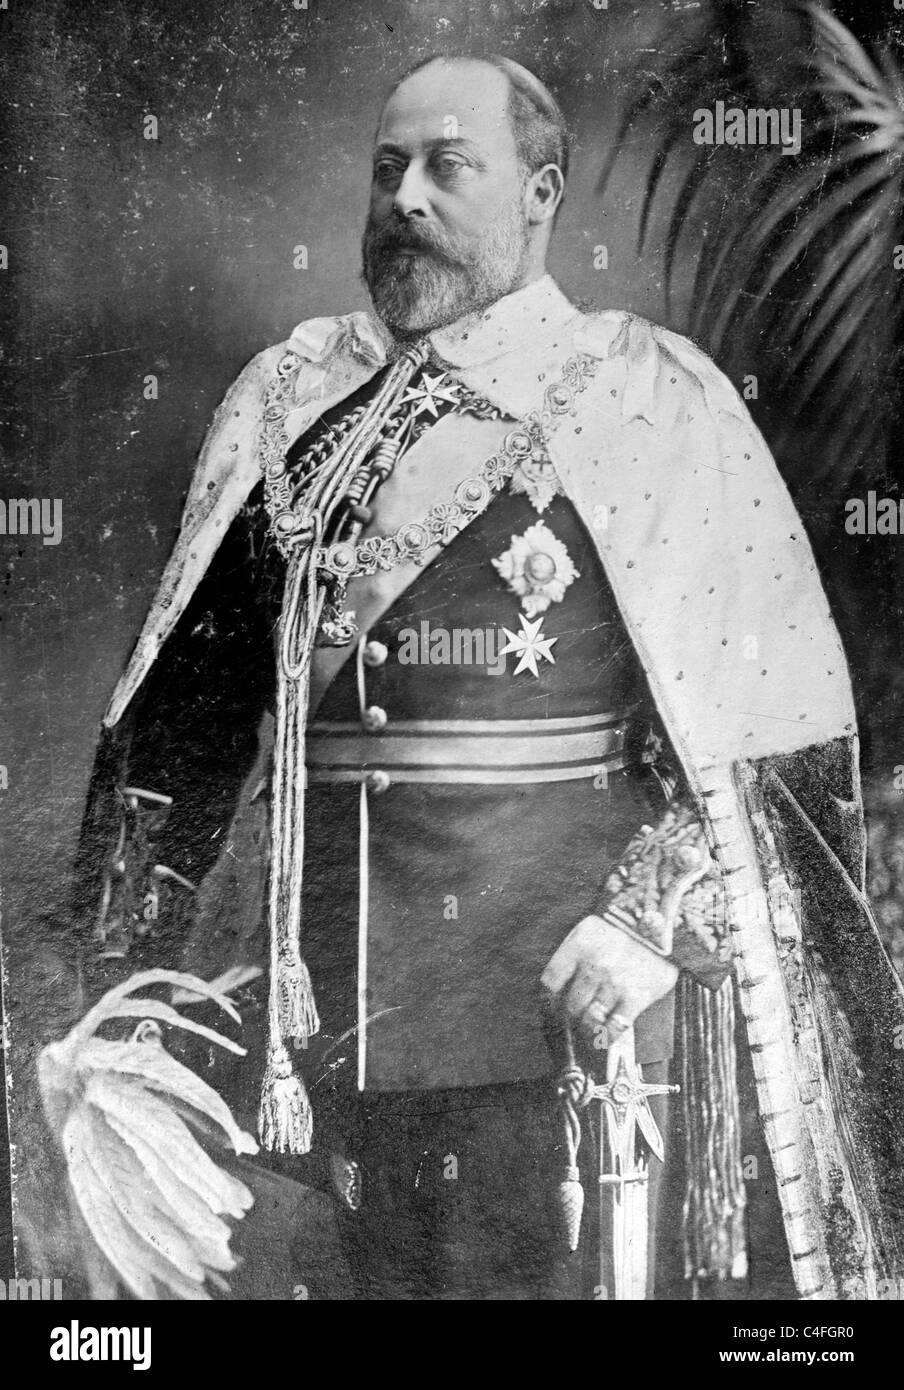 King Edward V - Stock Image